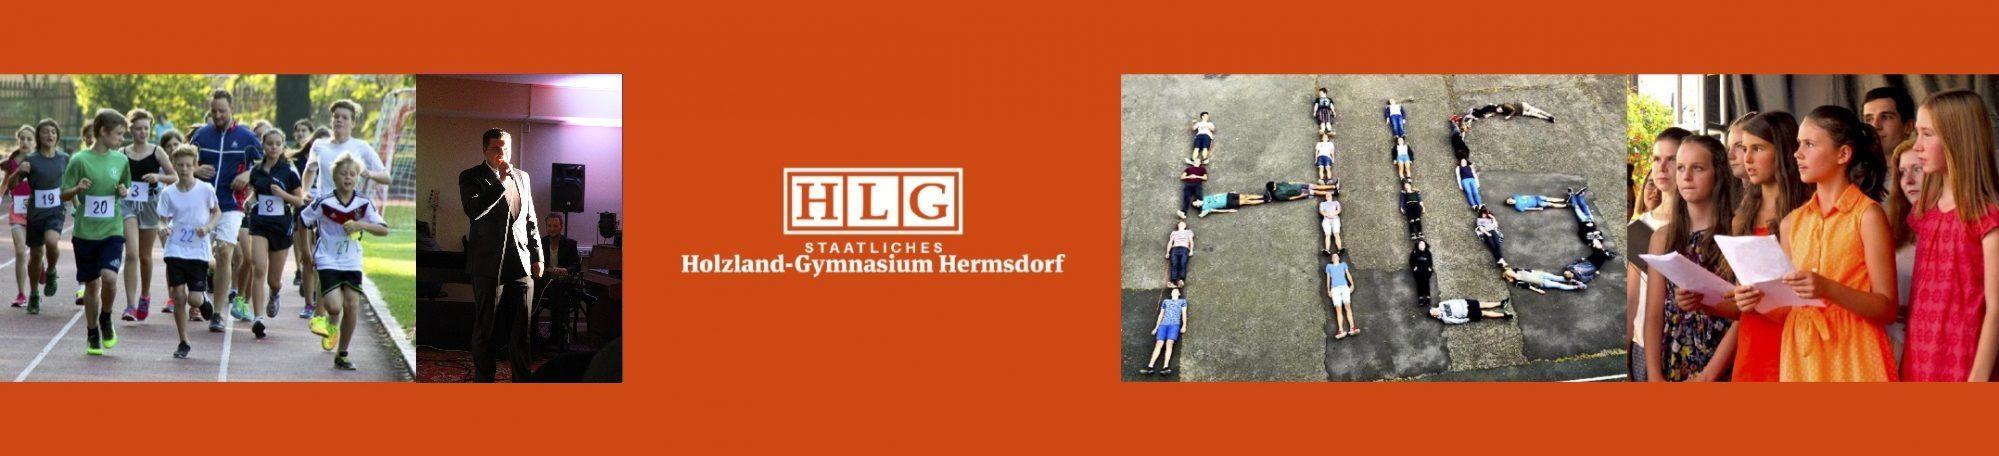 Staatliches Holzland-Gymnasium Hermsdorf